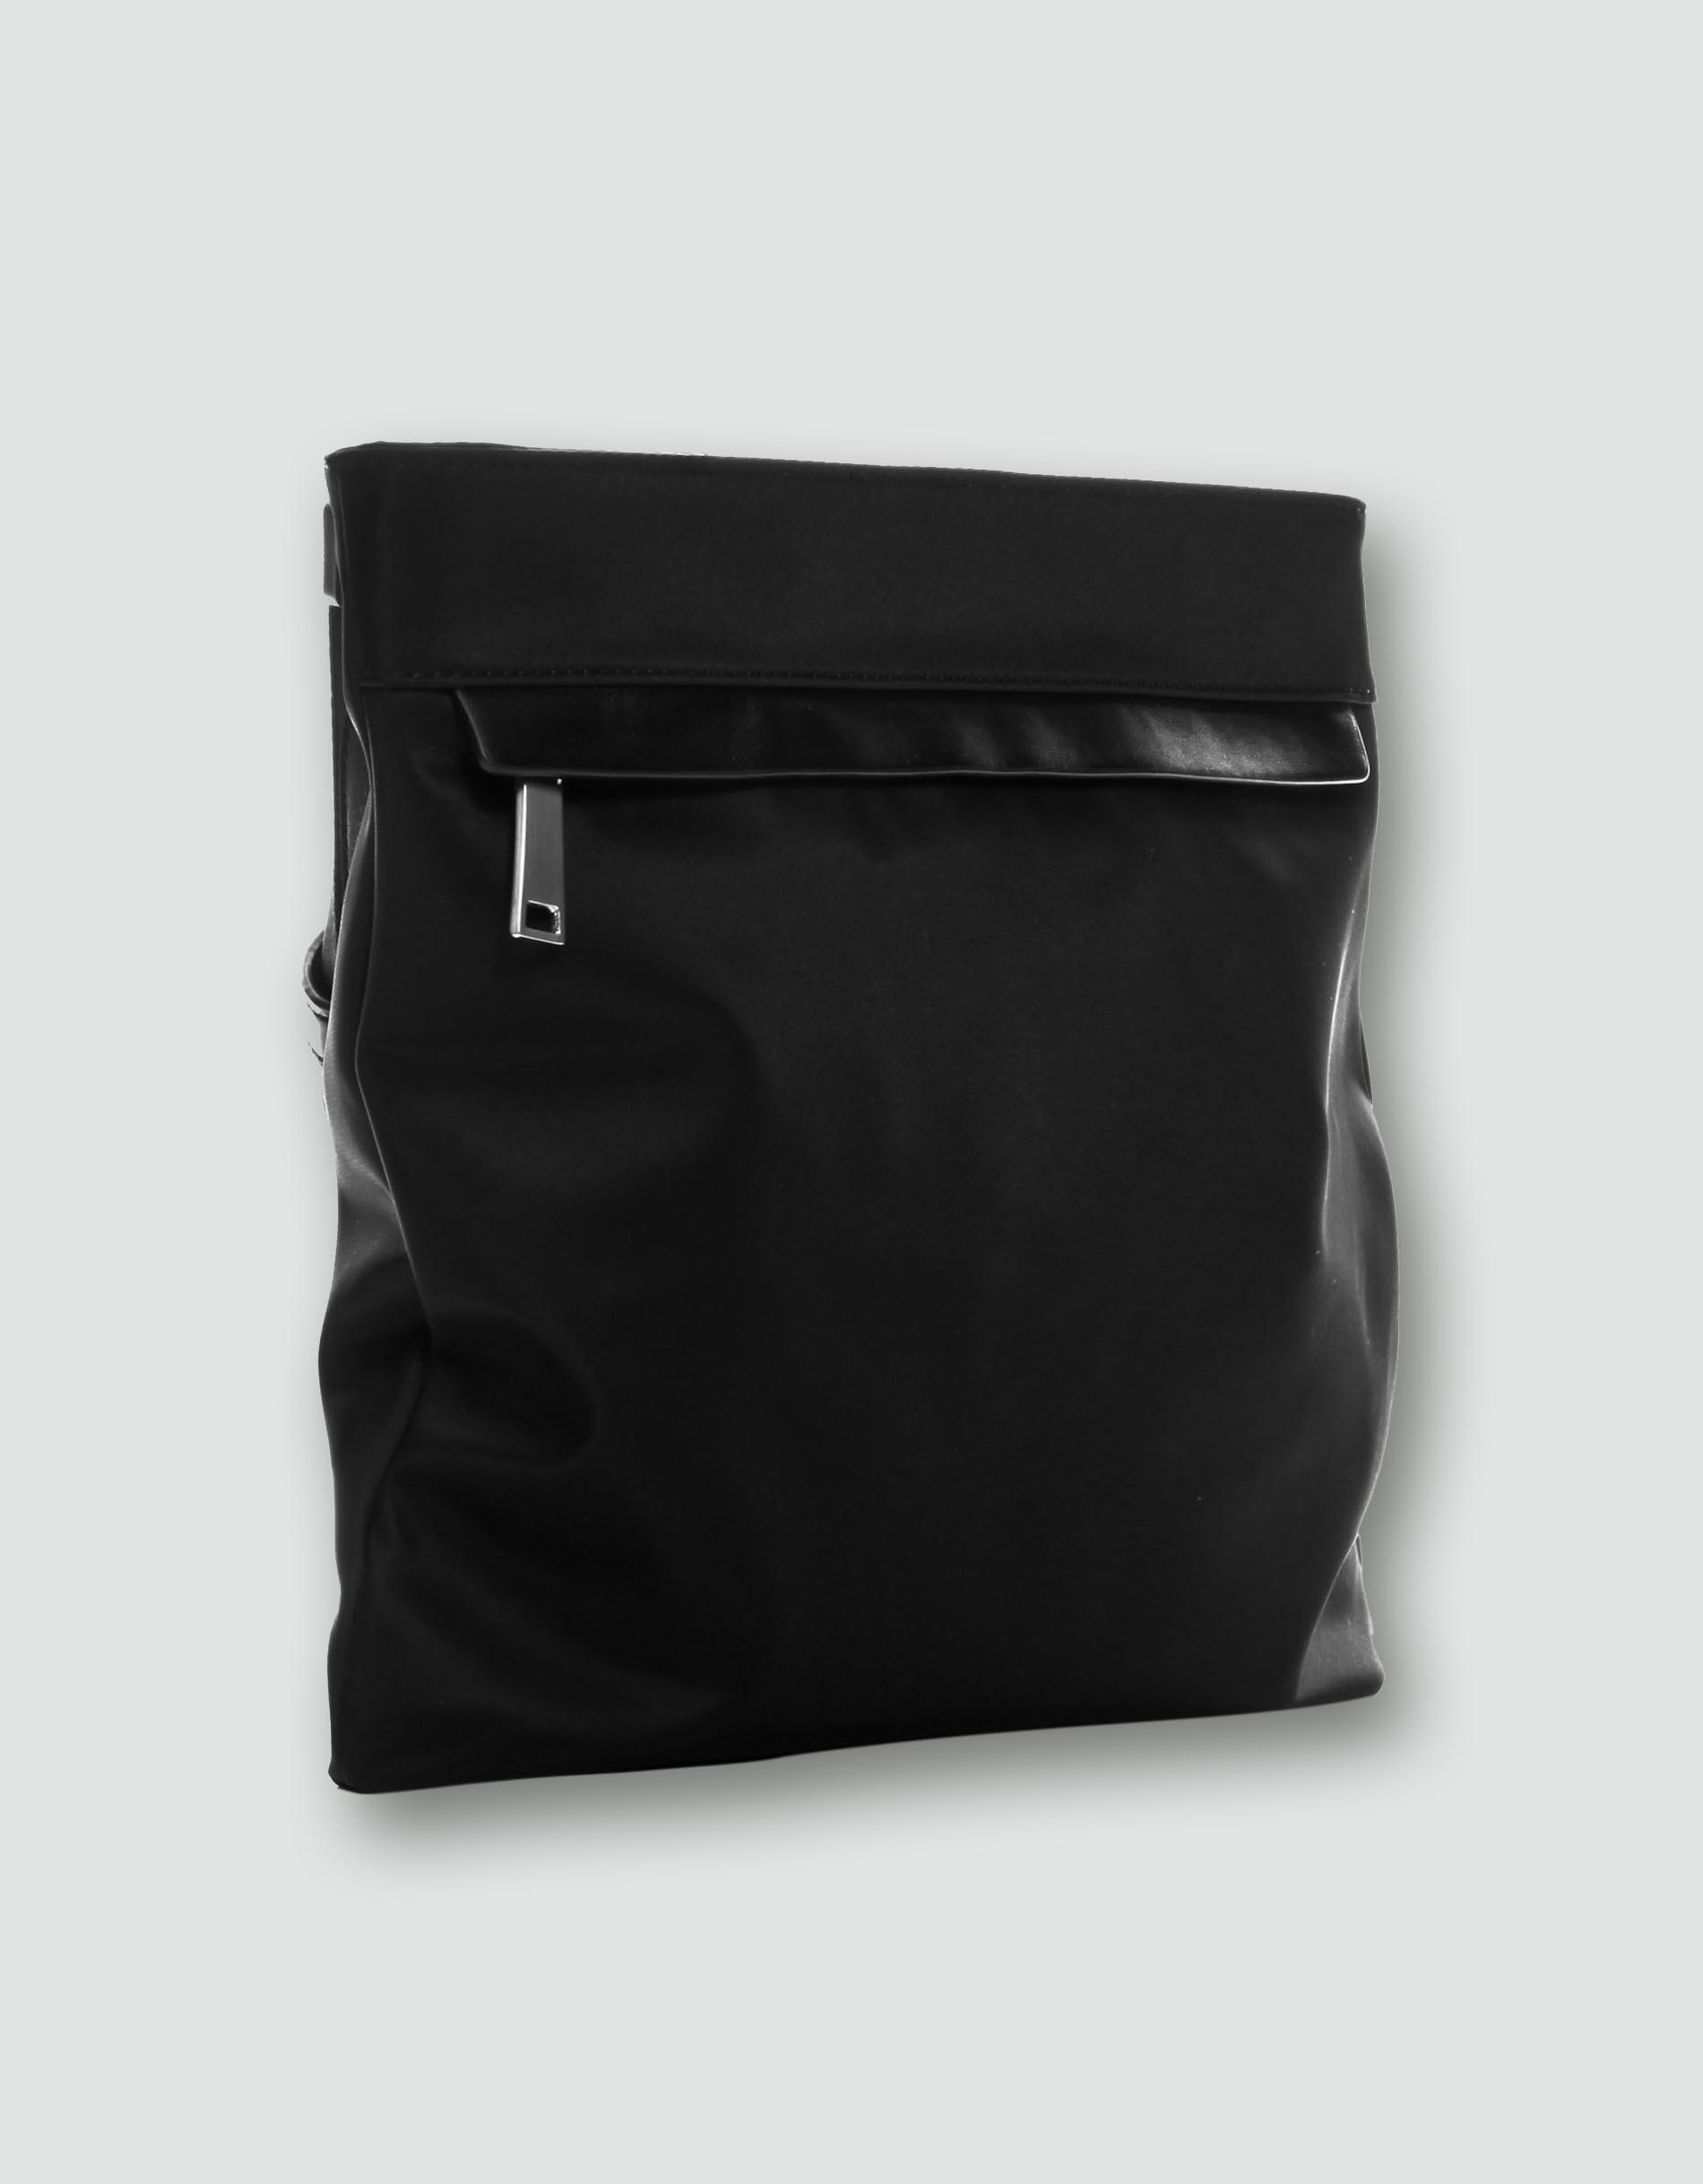 calvin klein damen handtasche tasche nylon schwarz. Black Bedroom Furniture Sets. Home Design Ideas